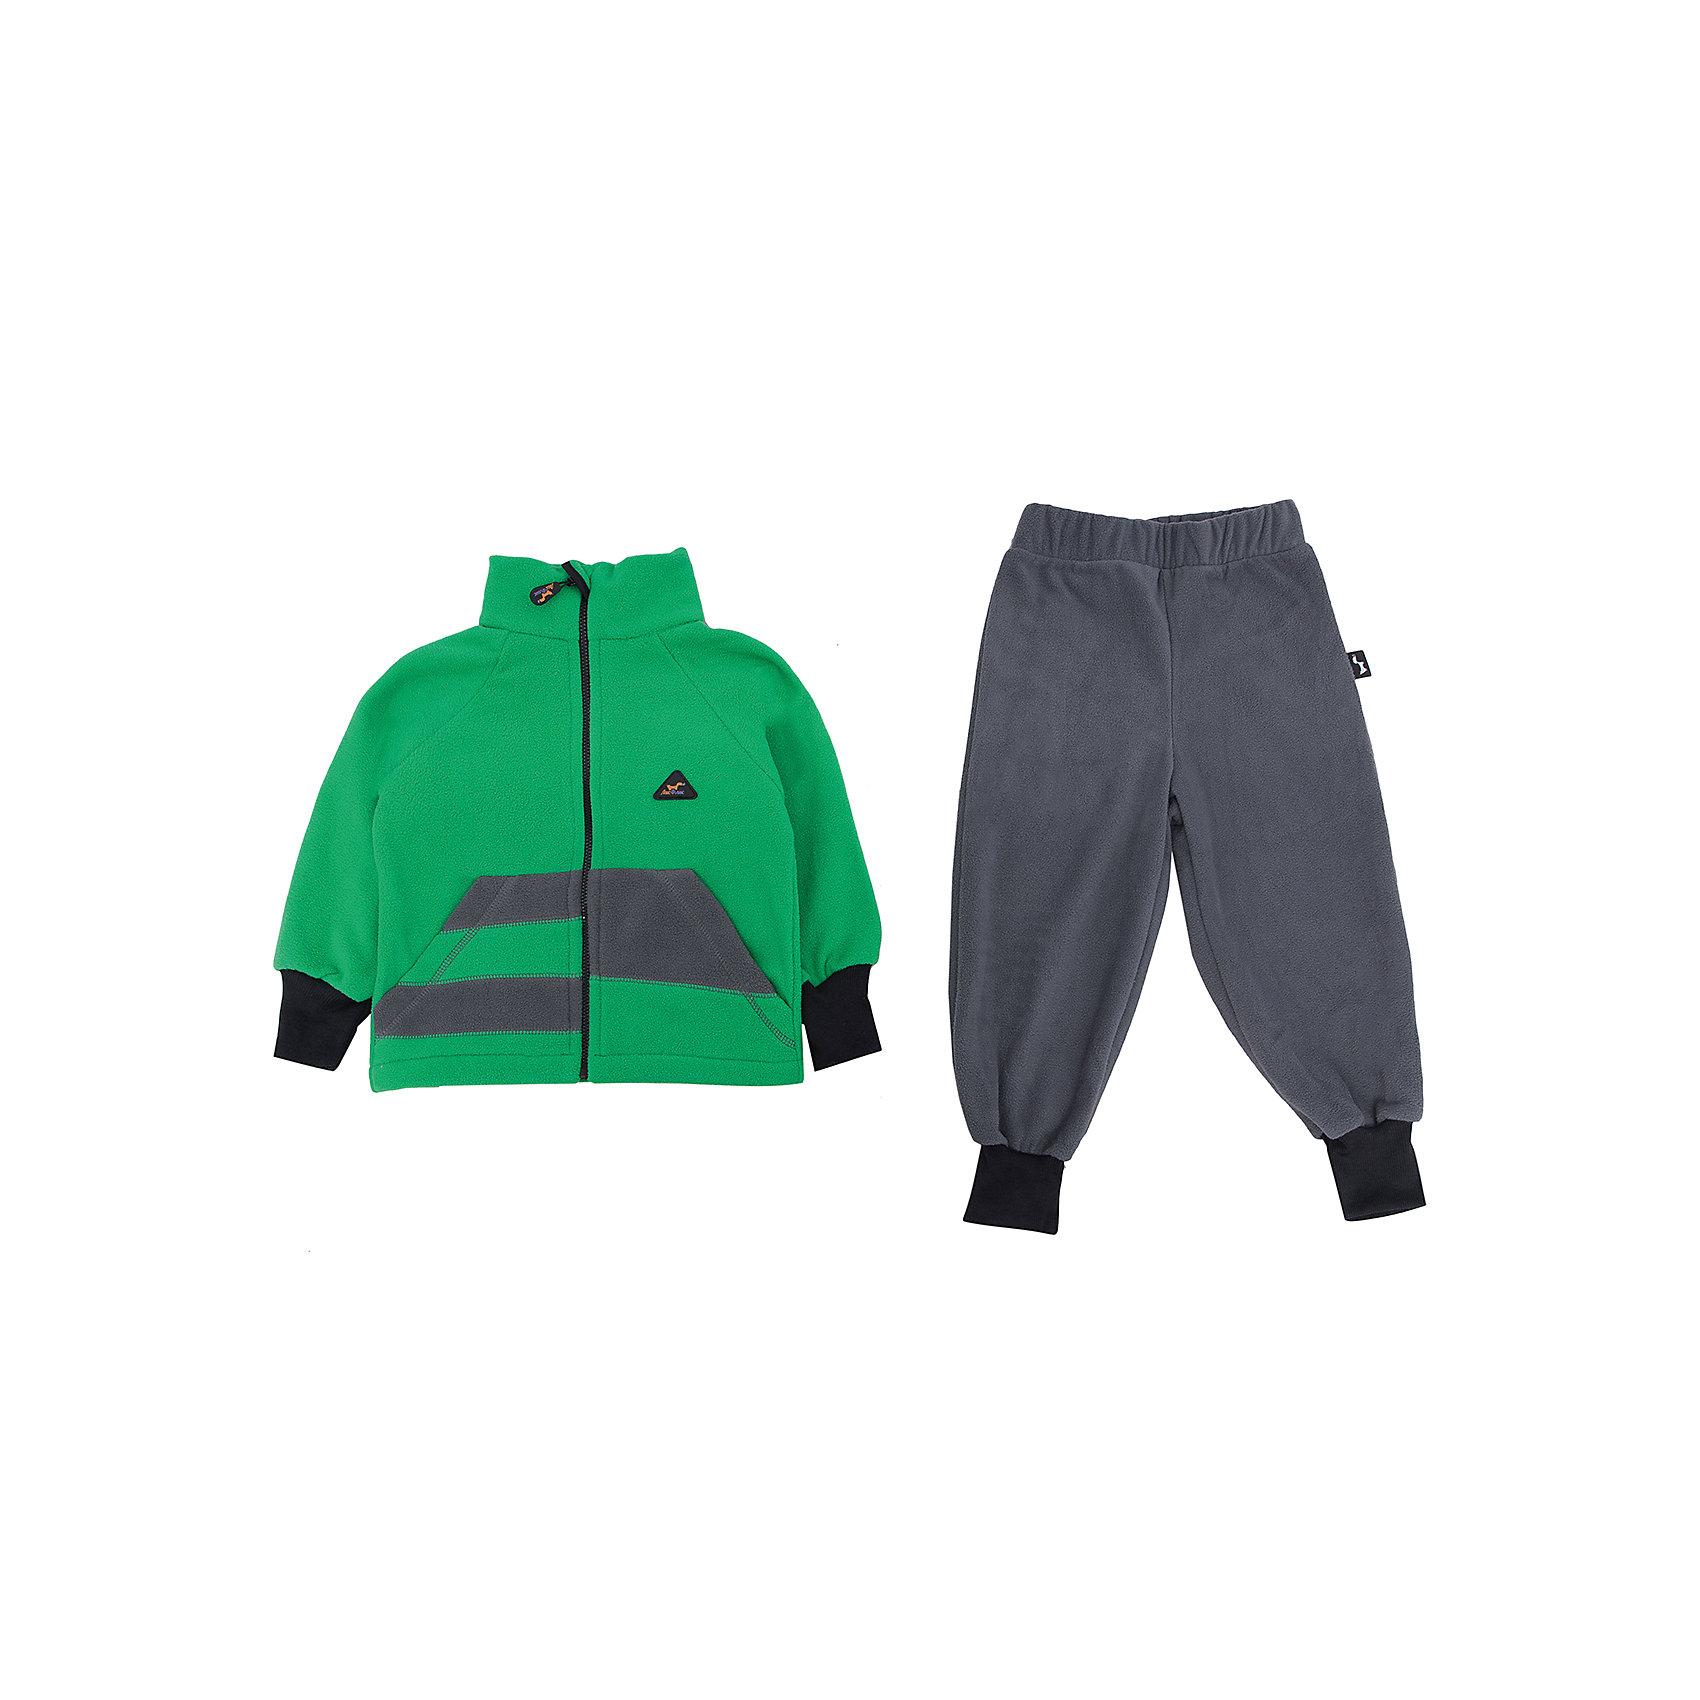 Комплект Полоска ЛисФлисФлис и термобелье<br>Характеристики комплекта Полоска:<br><br>- модель костюма: с брюками<br>- комплектация: кофта, штаны<br>- цвет: зеленый, серый<br>- пол: для мальчиков, для девочек <br>- длина рукава: длинные<br>- вид застежки: молния<br>- тип карманов: накладные<br>- покрой: прямой<br>- фактура материала: флис<br>- уход за вещами: предварительная стирка<br>- рисунок: без рисунка<br>- утеплитель: без утепления<br>- назначение: повседневная<br>- сезон: круглогодичный<br>- страна бренда: Россия<br>- страна производитель: Россия<br><br>Комплект Полоска торговой марки ЛисФлис - это очень мягкое, легкое, теплое изделие! Комплект выполнен из двустороннего микрофлиса (180 гр.) с манжетами на рукавах и штанинах, защитой-стоппером от молнии и интересным дизайнерским решением на передней части кофты.<br><br>Комплект Полоска торговой марки ЛисФлис можно купить в нашем интернет-магазине.<br><br>Ширина мм: 190<br>Глубина мм: 74<br>Высота мм: 229<br>Вес г: 236<br>Цвет: grau/gr?n<br>Возраст от месяцев: 72<br>Возраст до месяцев: 84<br>Пол: Мужской<br>Возраст: Детский<br>Размер: 122,134,80,86,92,98,104,110,116,128<br>SKU: 4939388